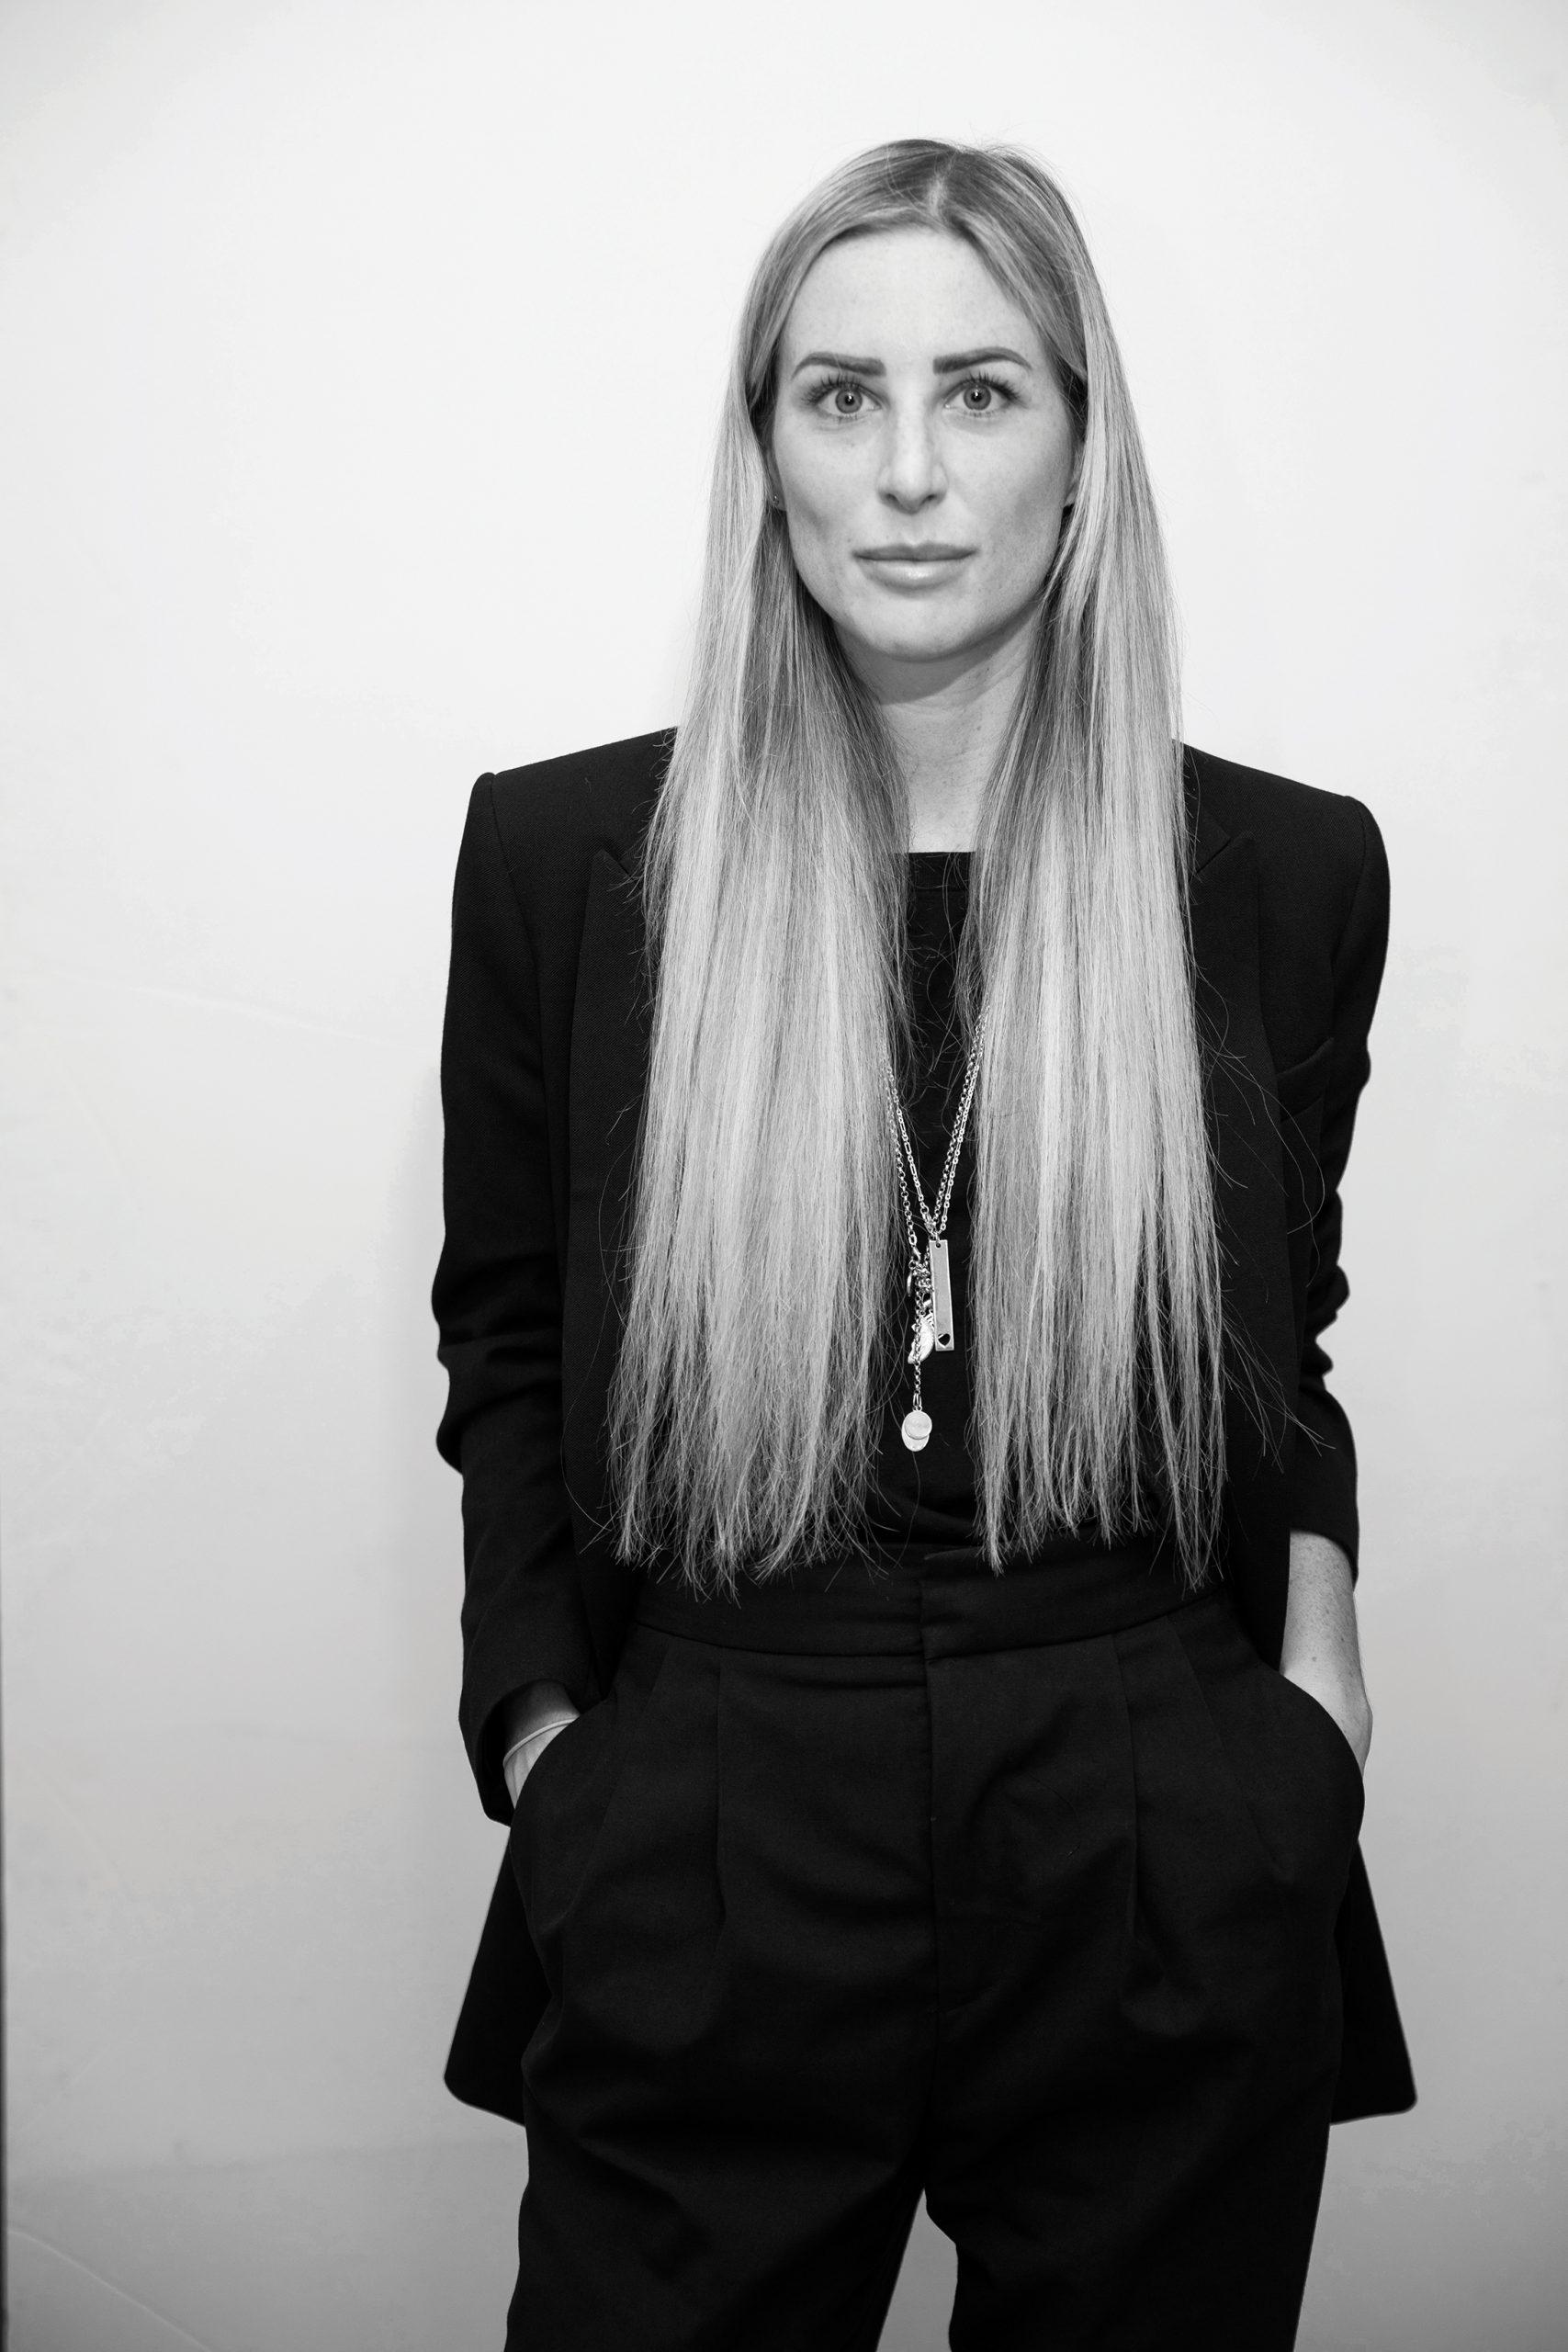 Amy Session - Arab Fashion Week - Council Talks